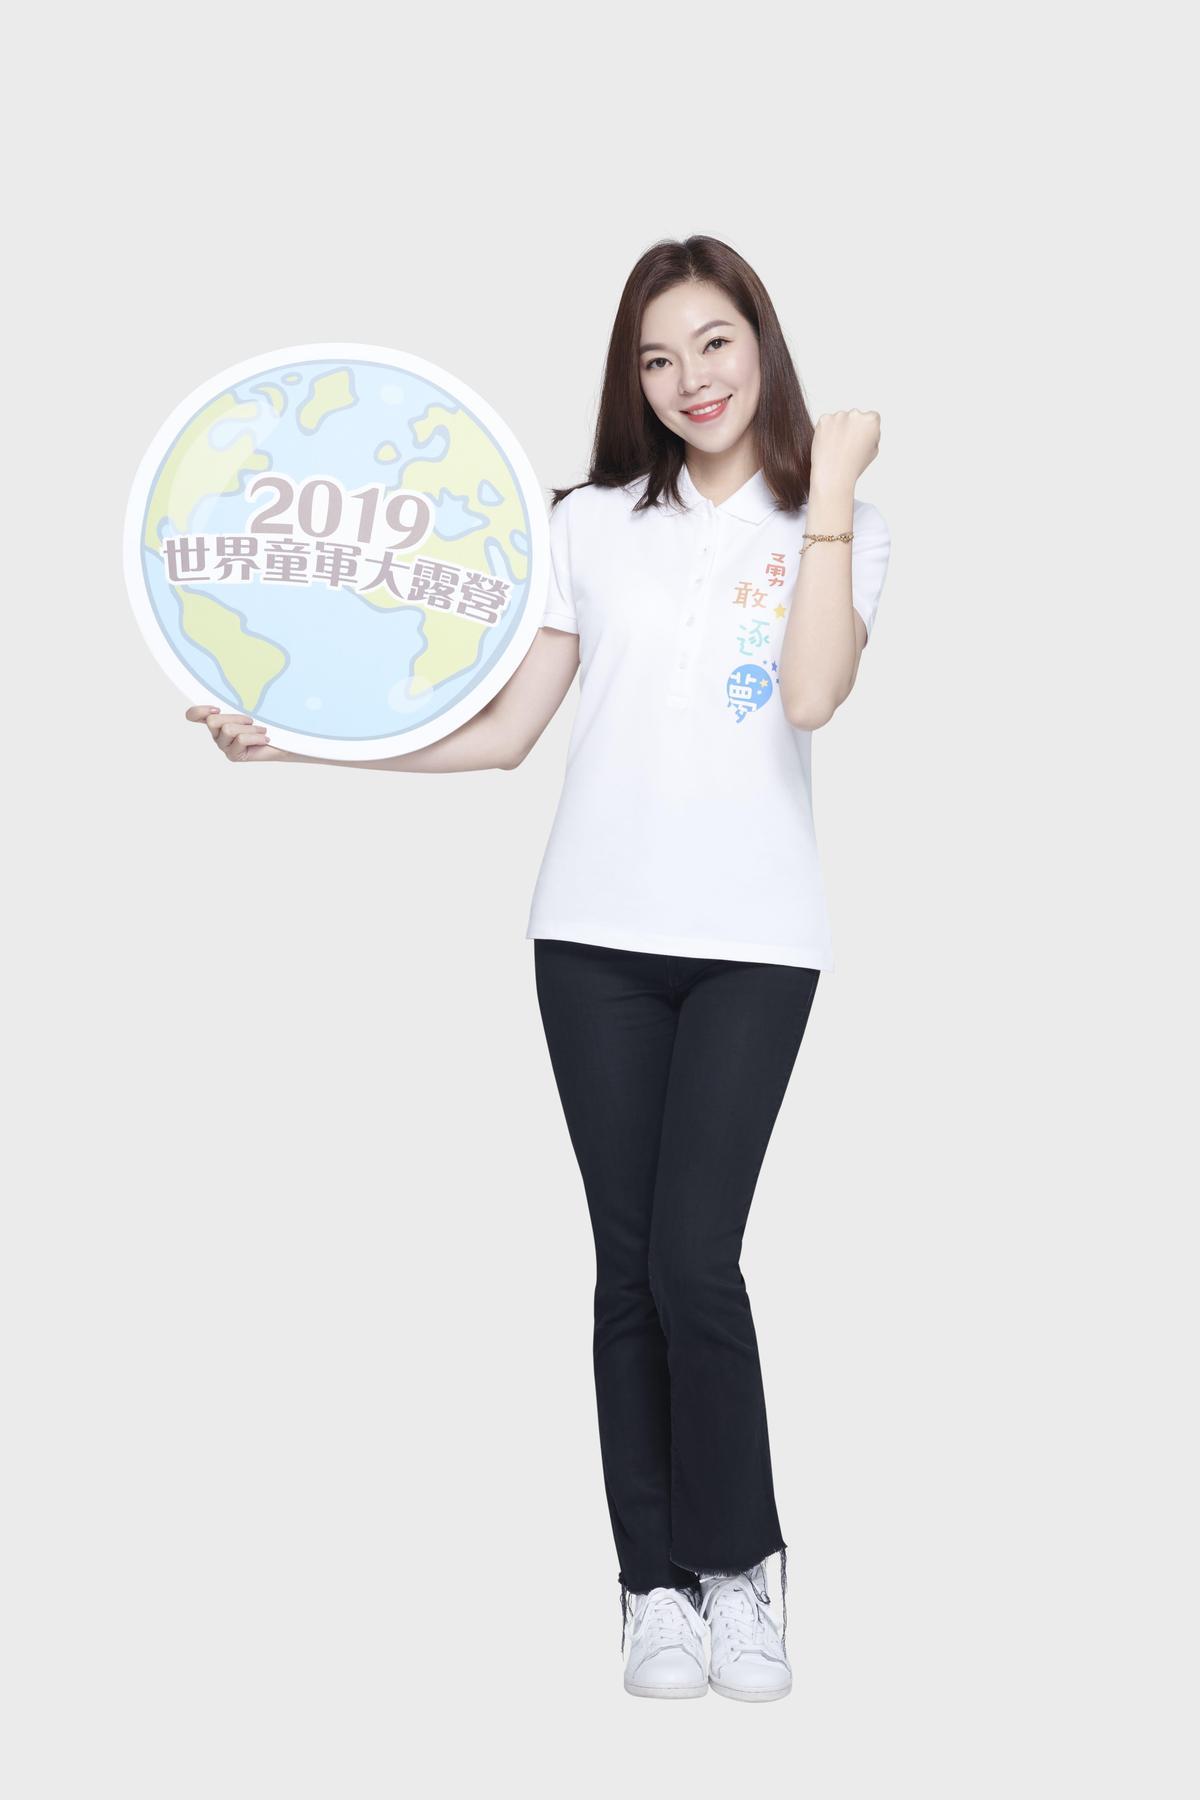 永齡基金會創辦人夫人曾馨瑩女士鼓勵大眾參與2019年美國世界童軍大露營群眾募資,讓動機成為翻轉孩子人生的金鑰。(永齡基金會提供)